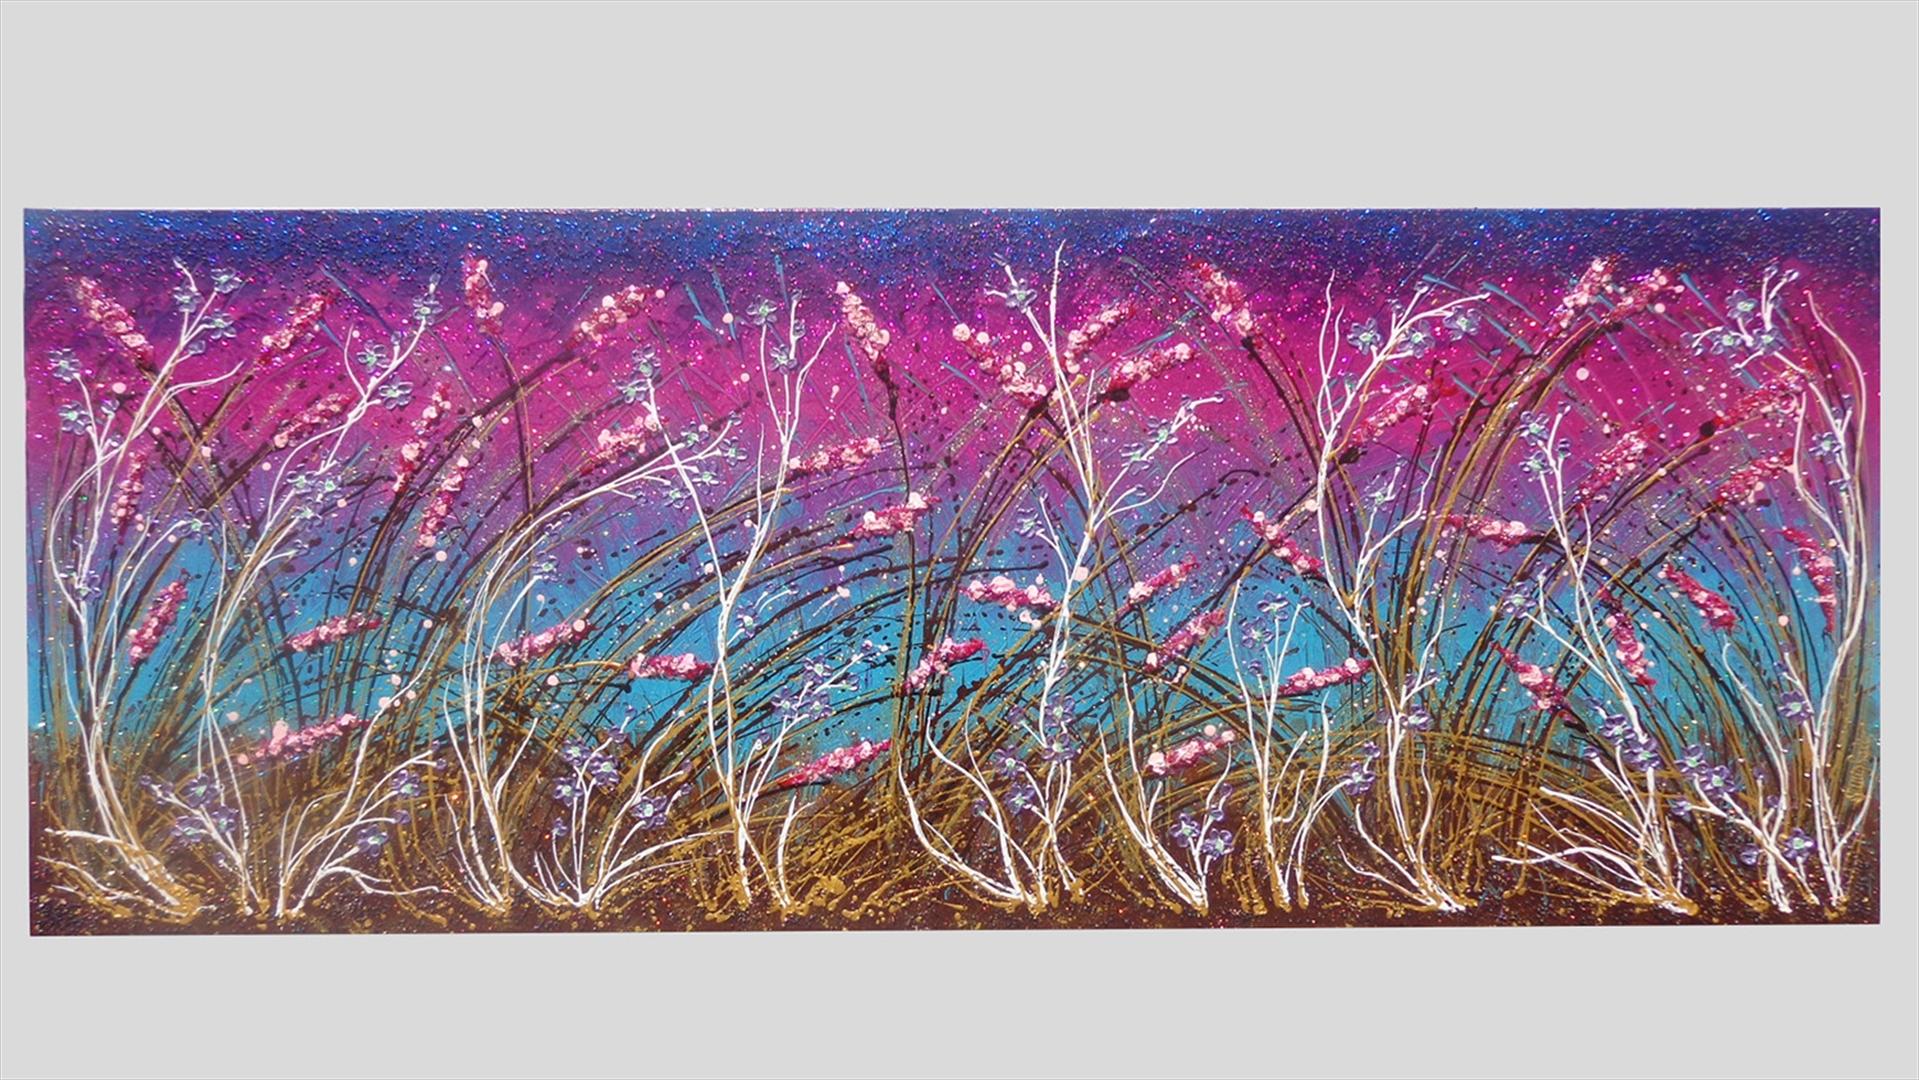 Distesa di fiori sfumati vendita quadri online quadri for Immagini di quadri con fiori